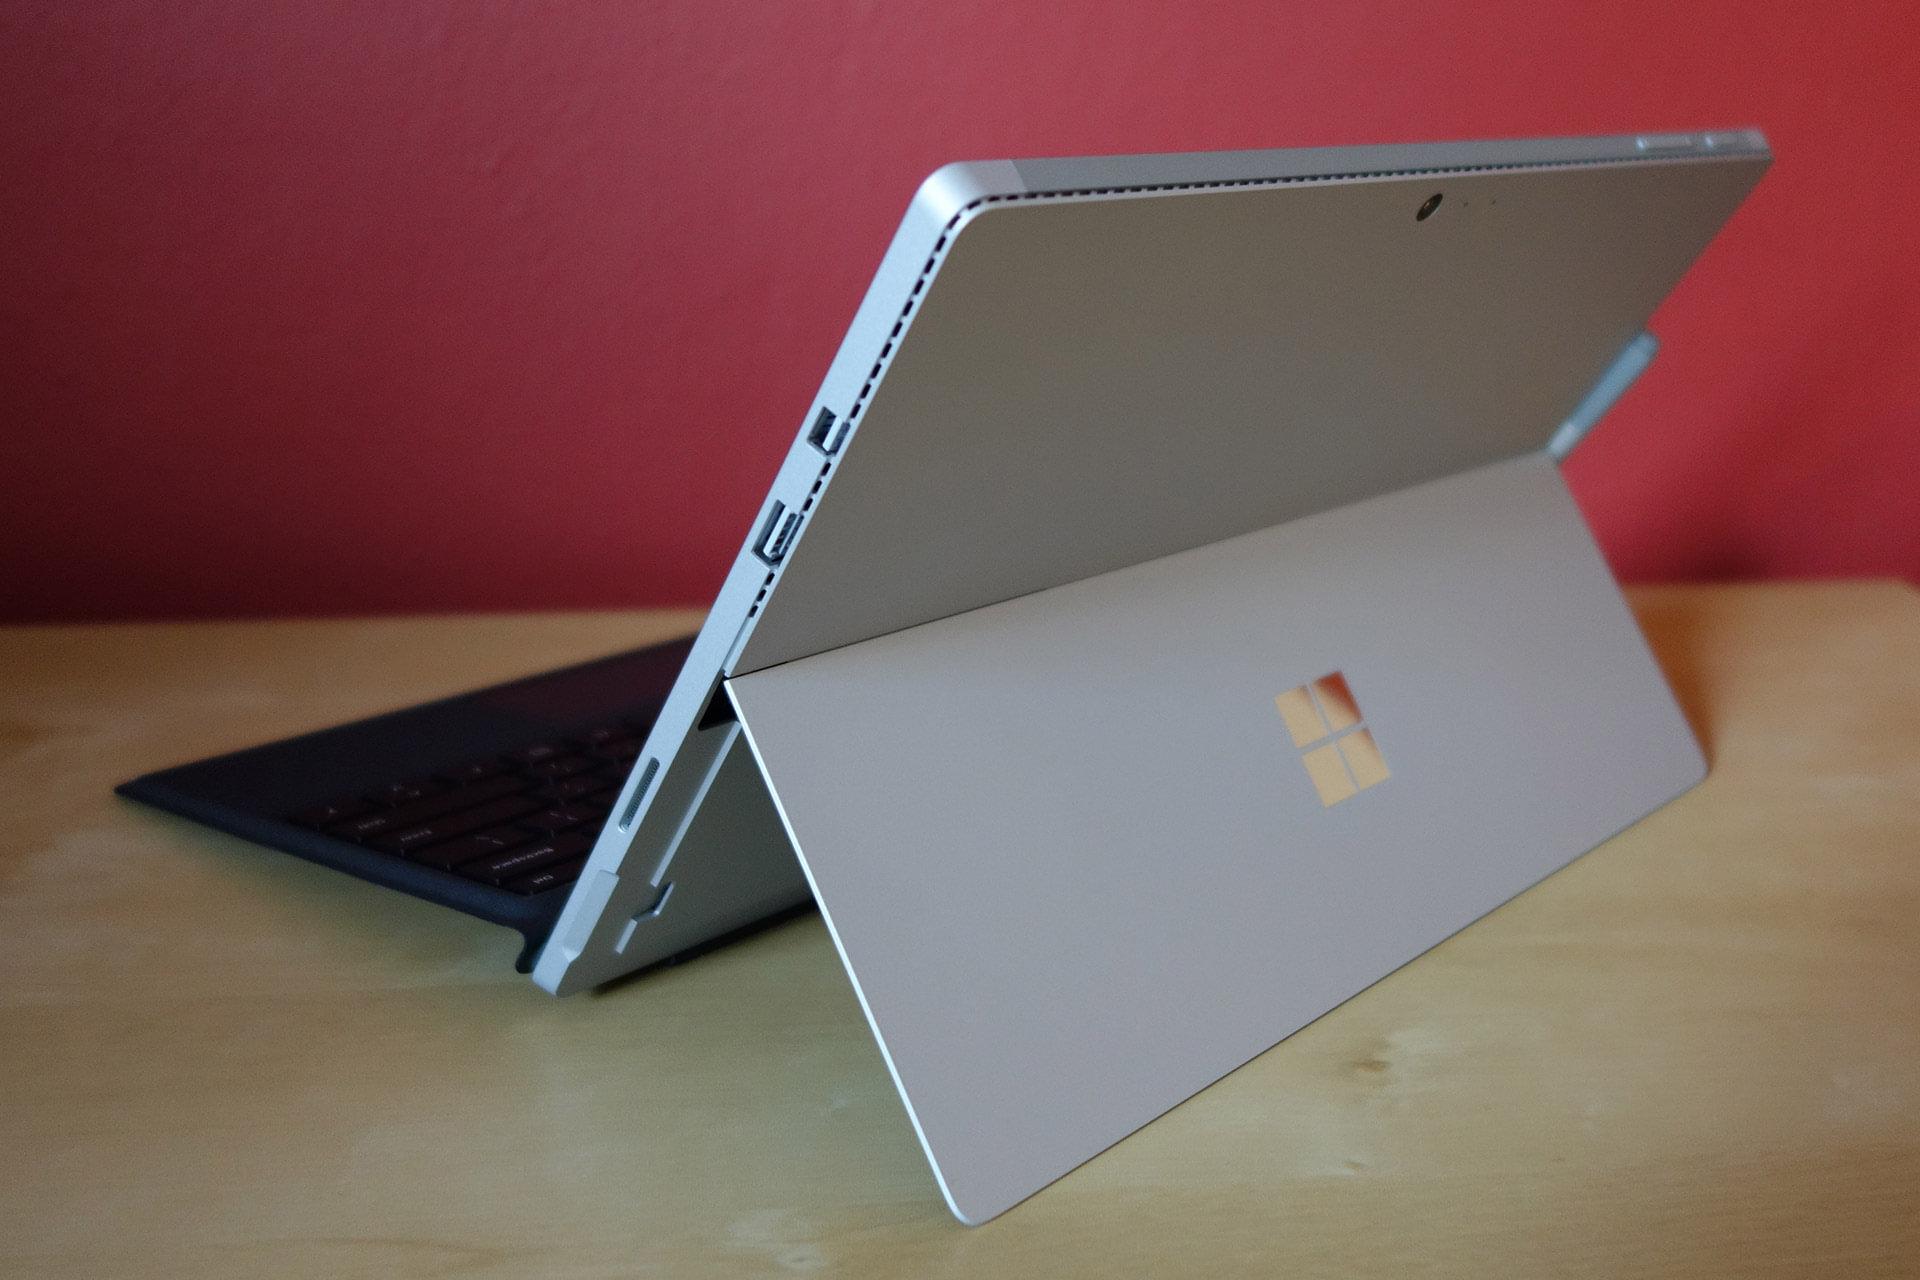 W skrócie: Nowe hybrydy od Asusa z Windows 10, ważna aktualizacja dla Surface Pro 4 i Surface Book 22